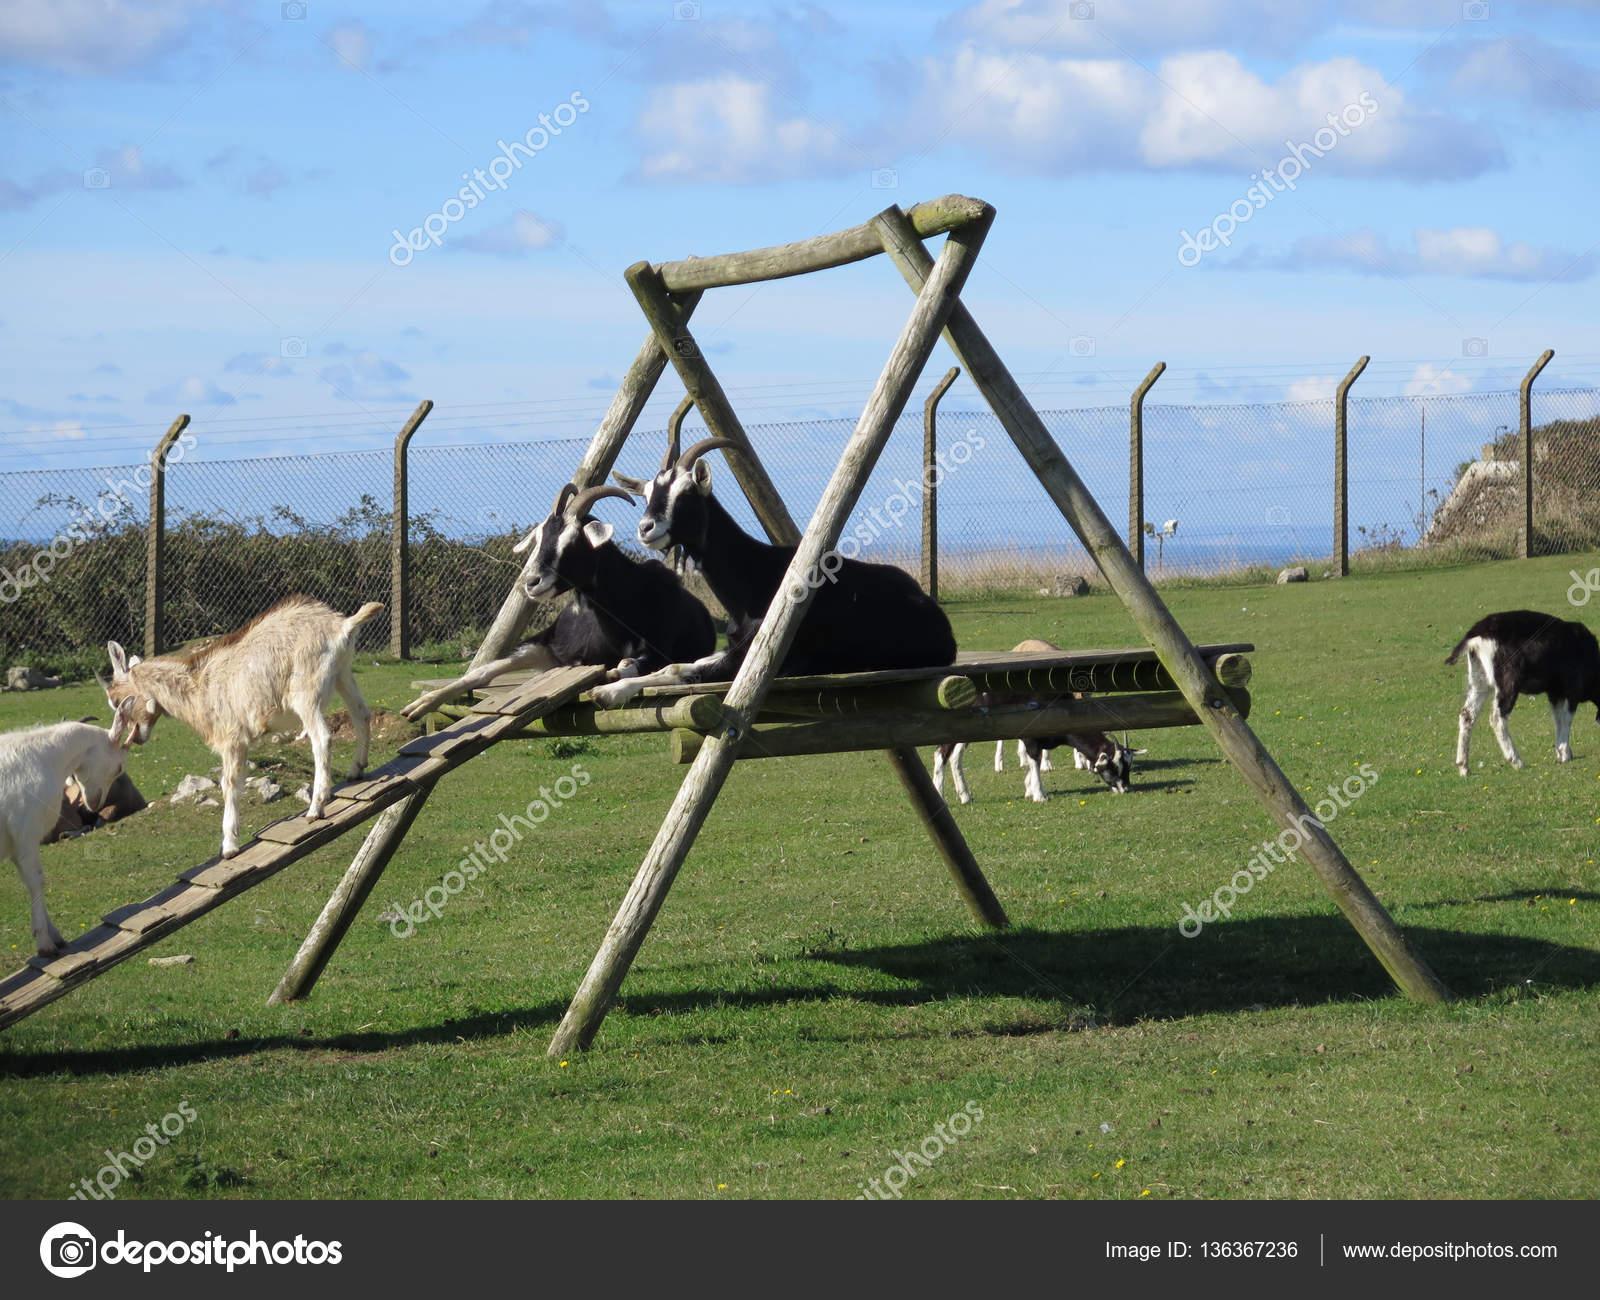 Klettergerüst Ziegen : Ziegen auf klettergerüst u2014 stockfoto © johnnywalker61 #136367236